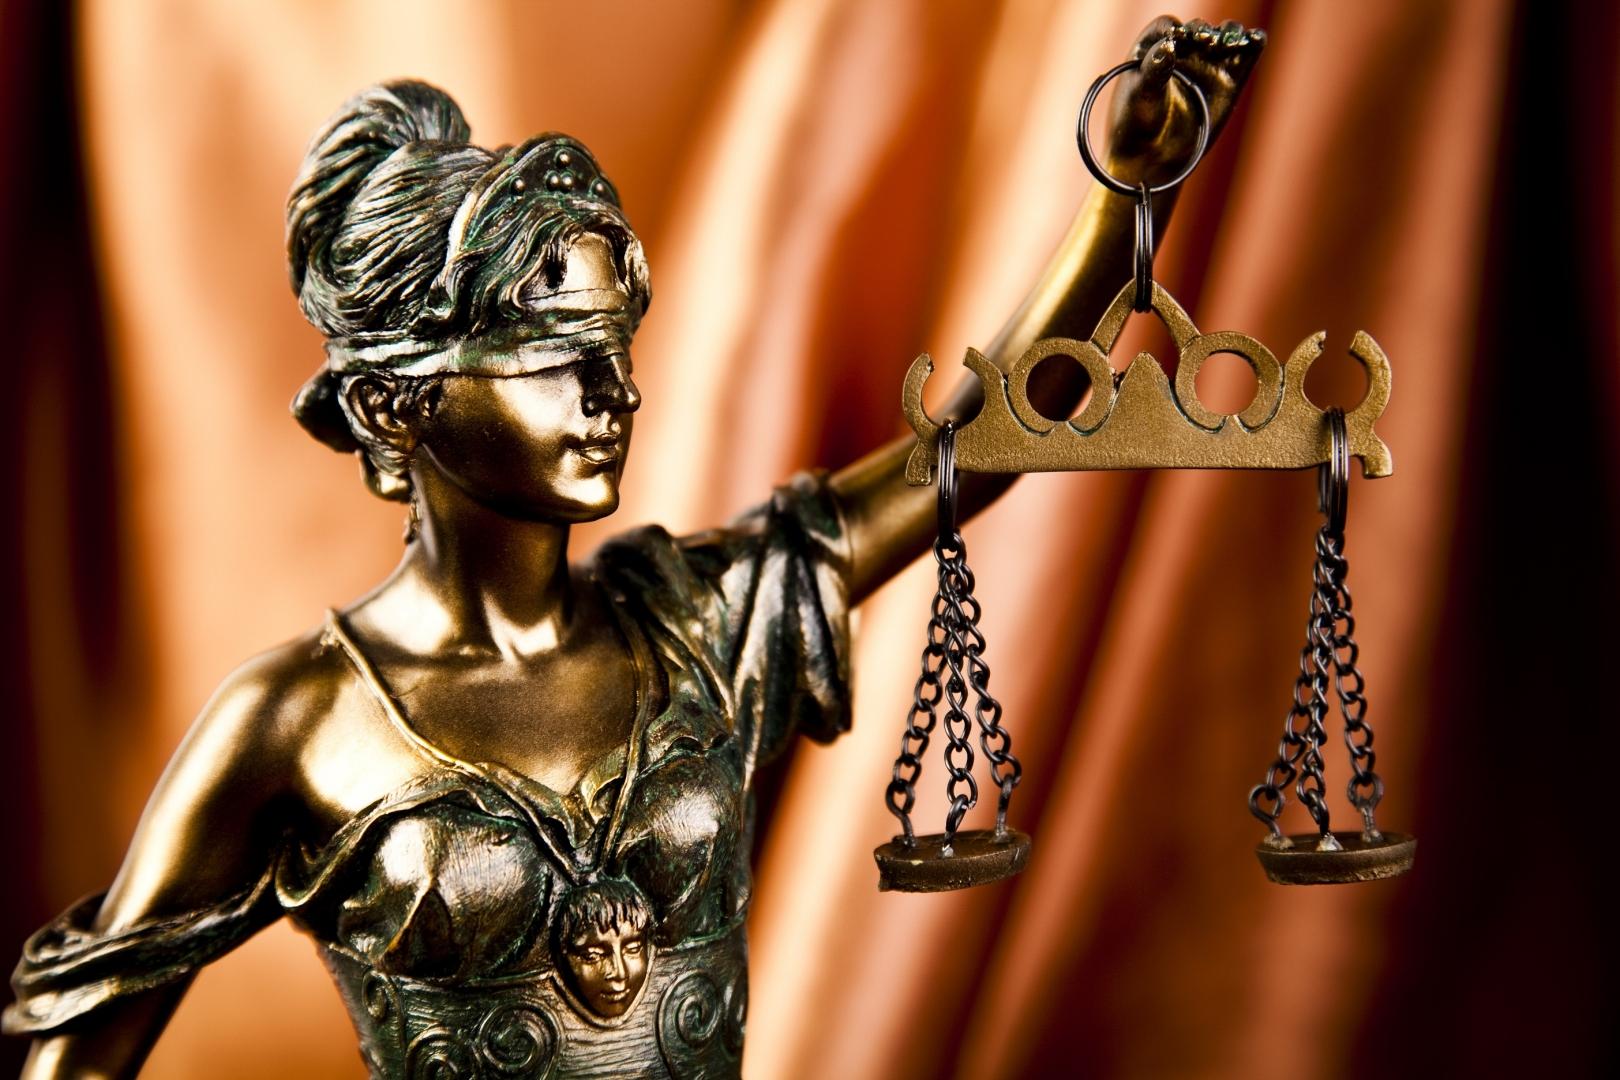 Понедельником хорошей, смешные картинки справедливости